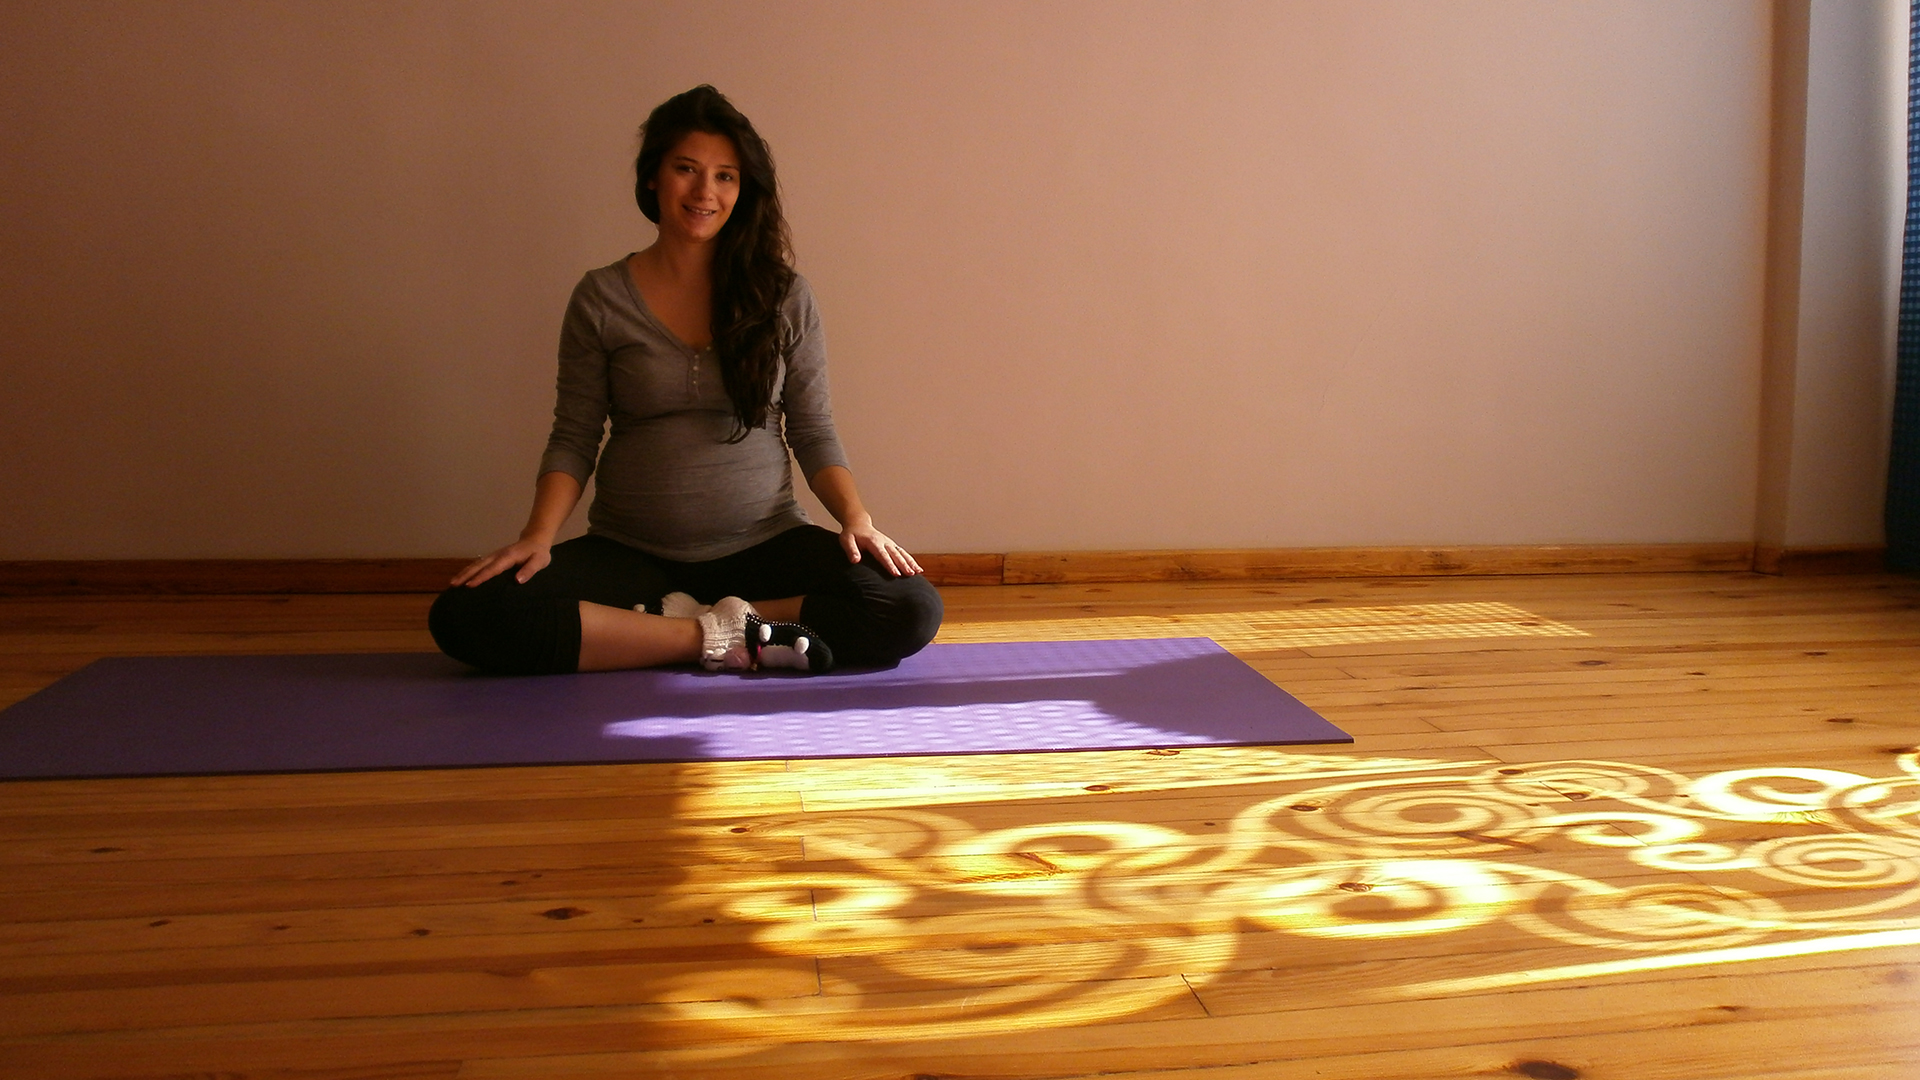 Hamile İçin Yoga Dersi